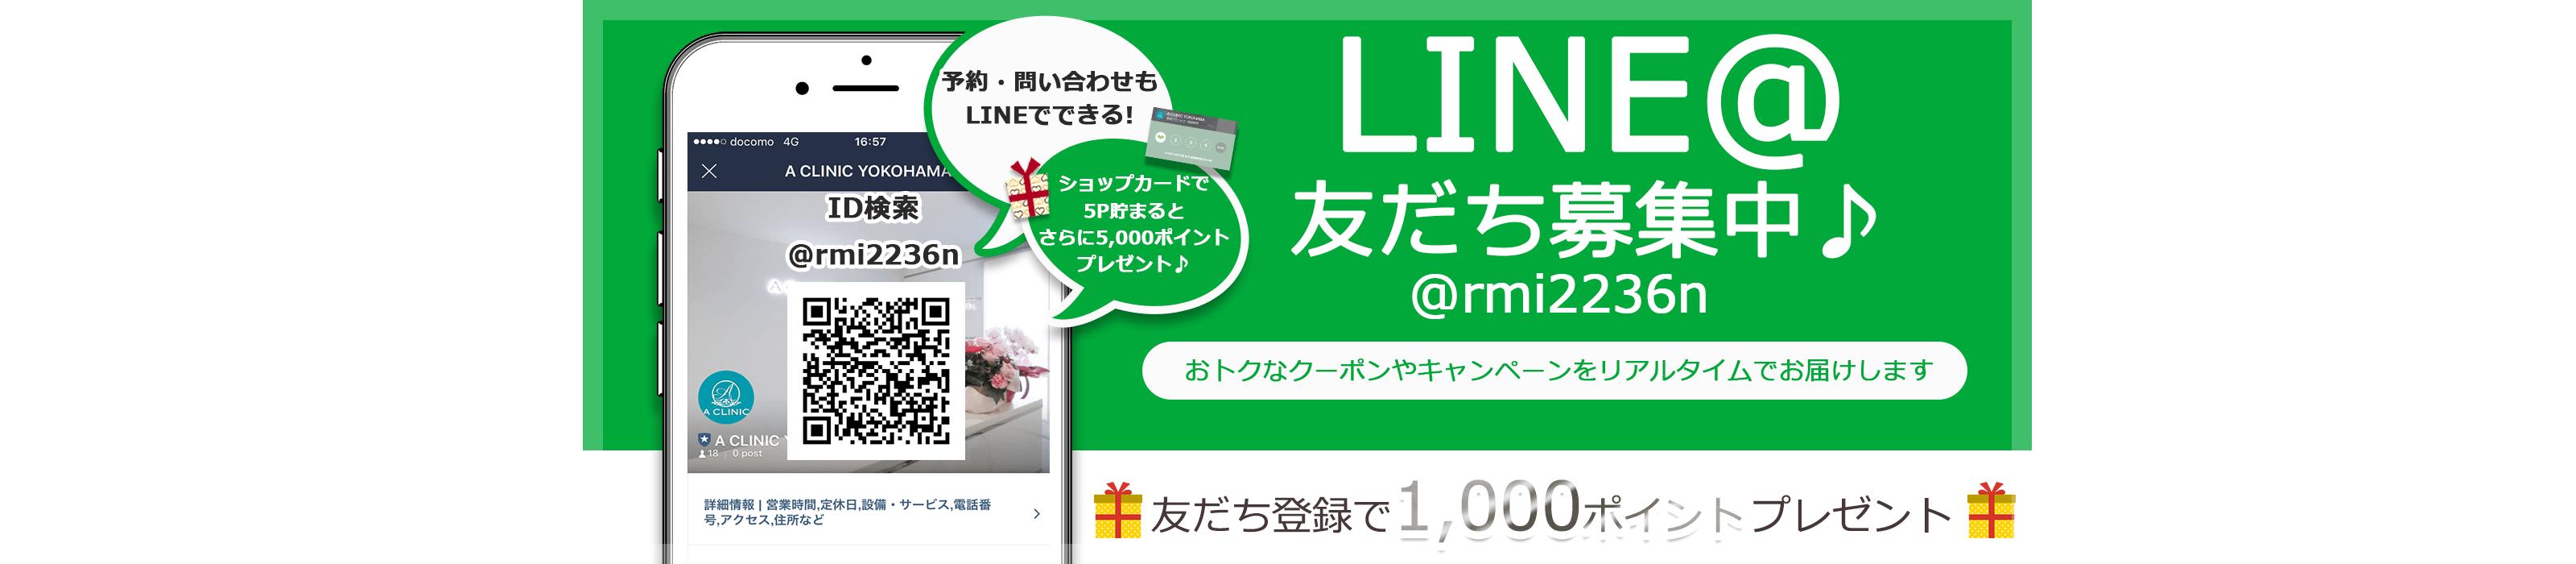 友だち登録で1,000ポイントプレゼント A CLINIC公式アカウントLINE@開設のおしらせ